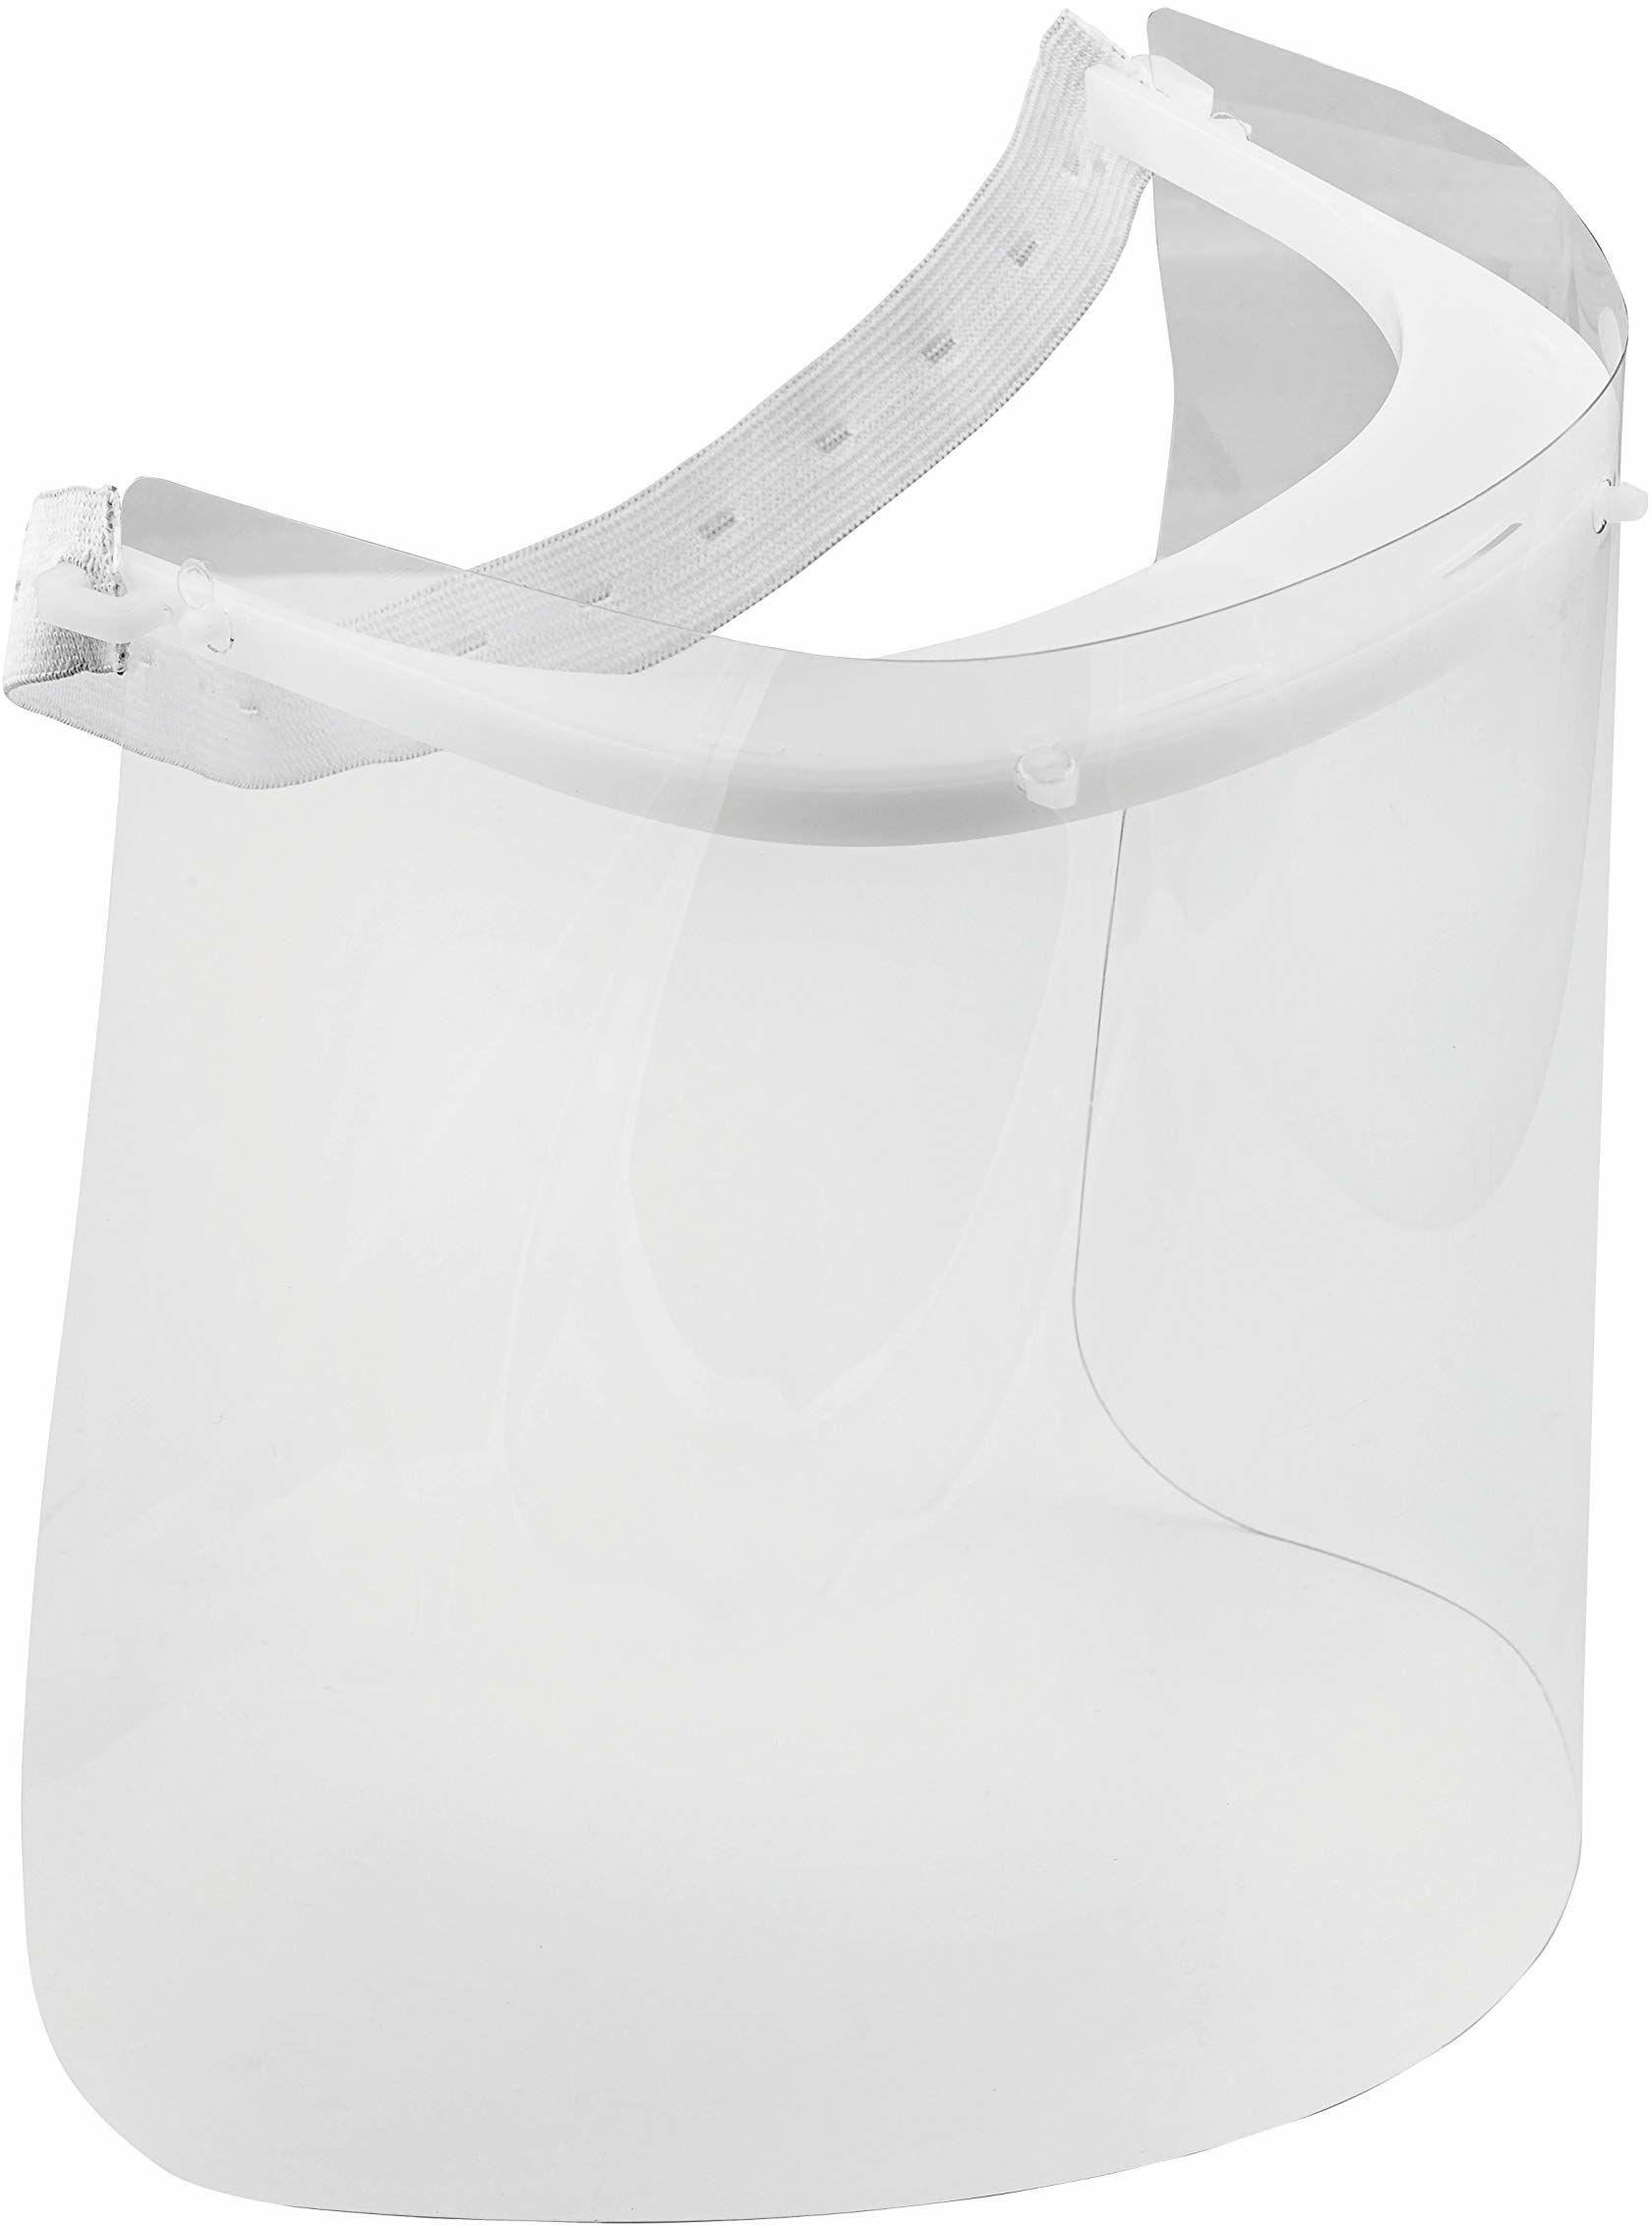 Lacor Folia ochronna na wyświetlacz, biała, regulowana